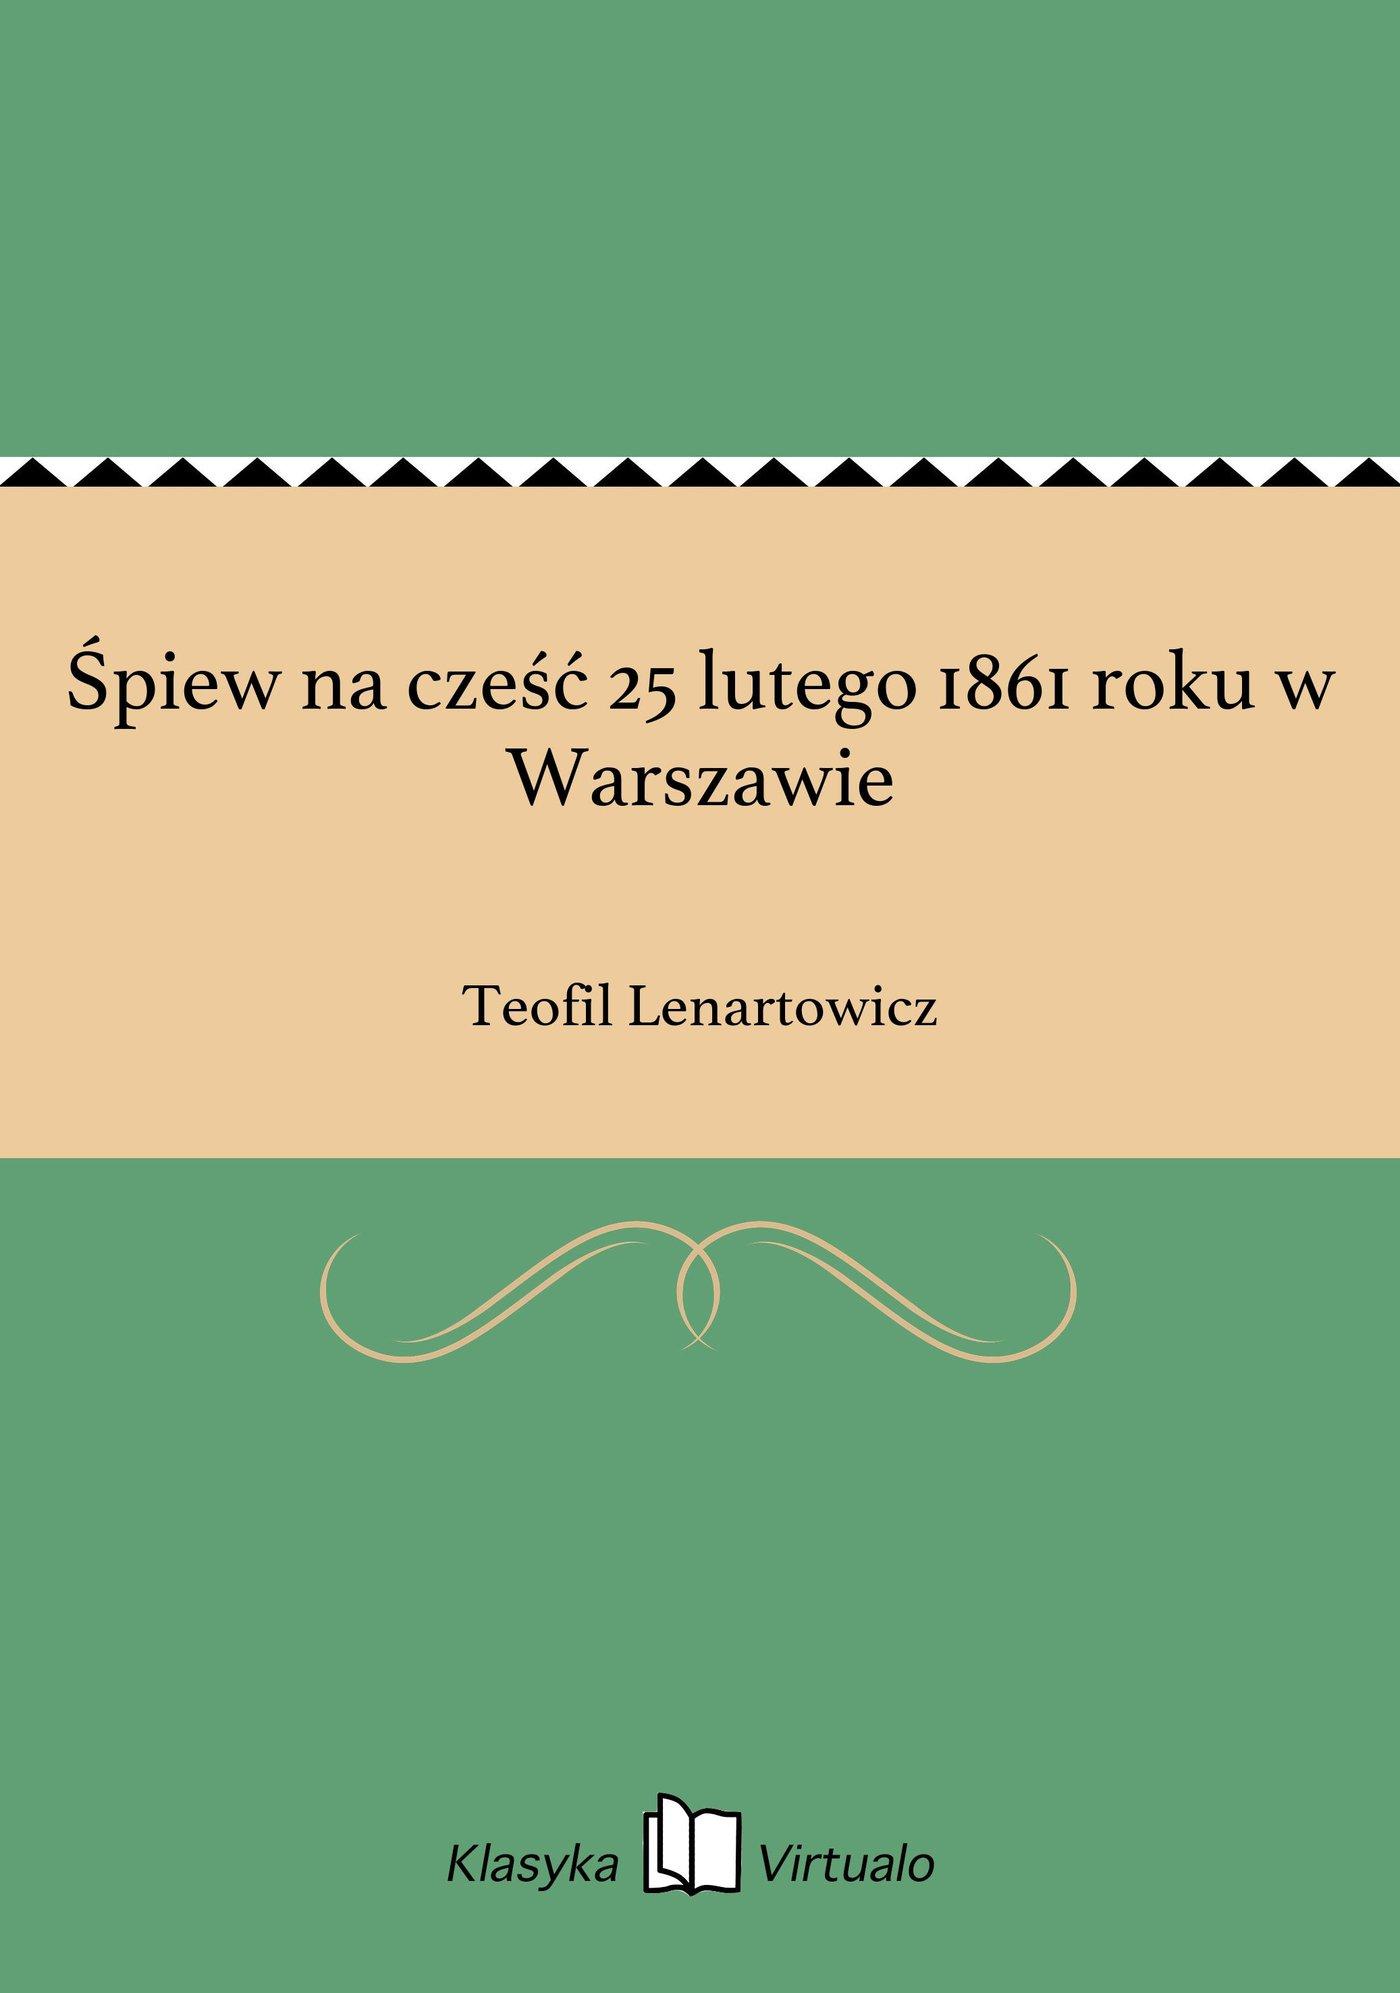 Śpiew na cześć 25 lutego 1861 roku w Warszawie - Ebook (Książka EPUB) do pobrania w formacie EPUB